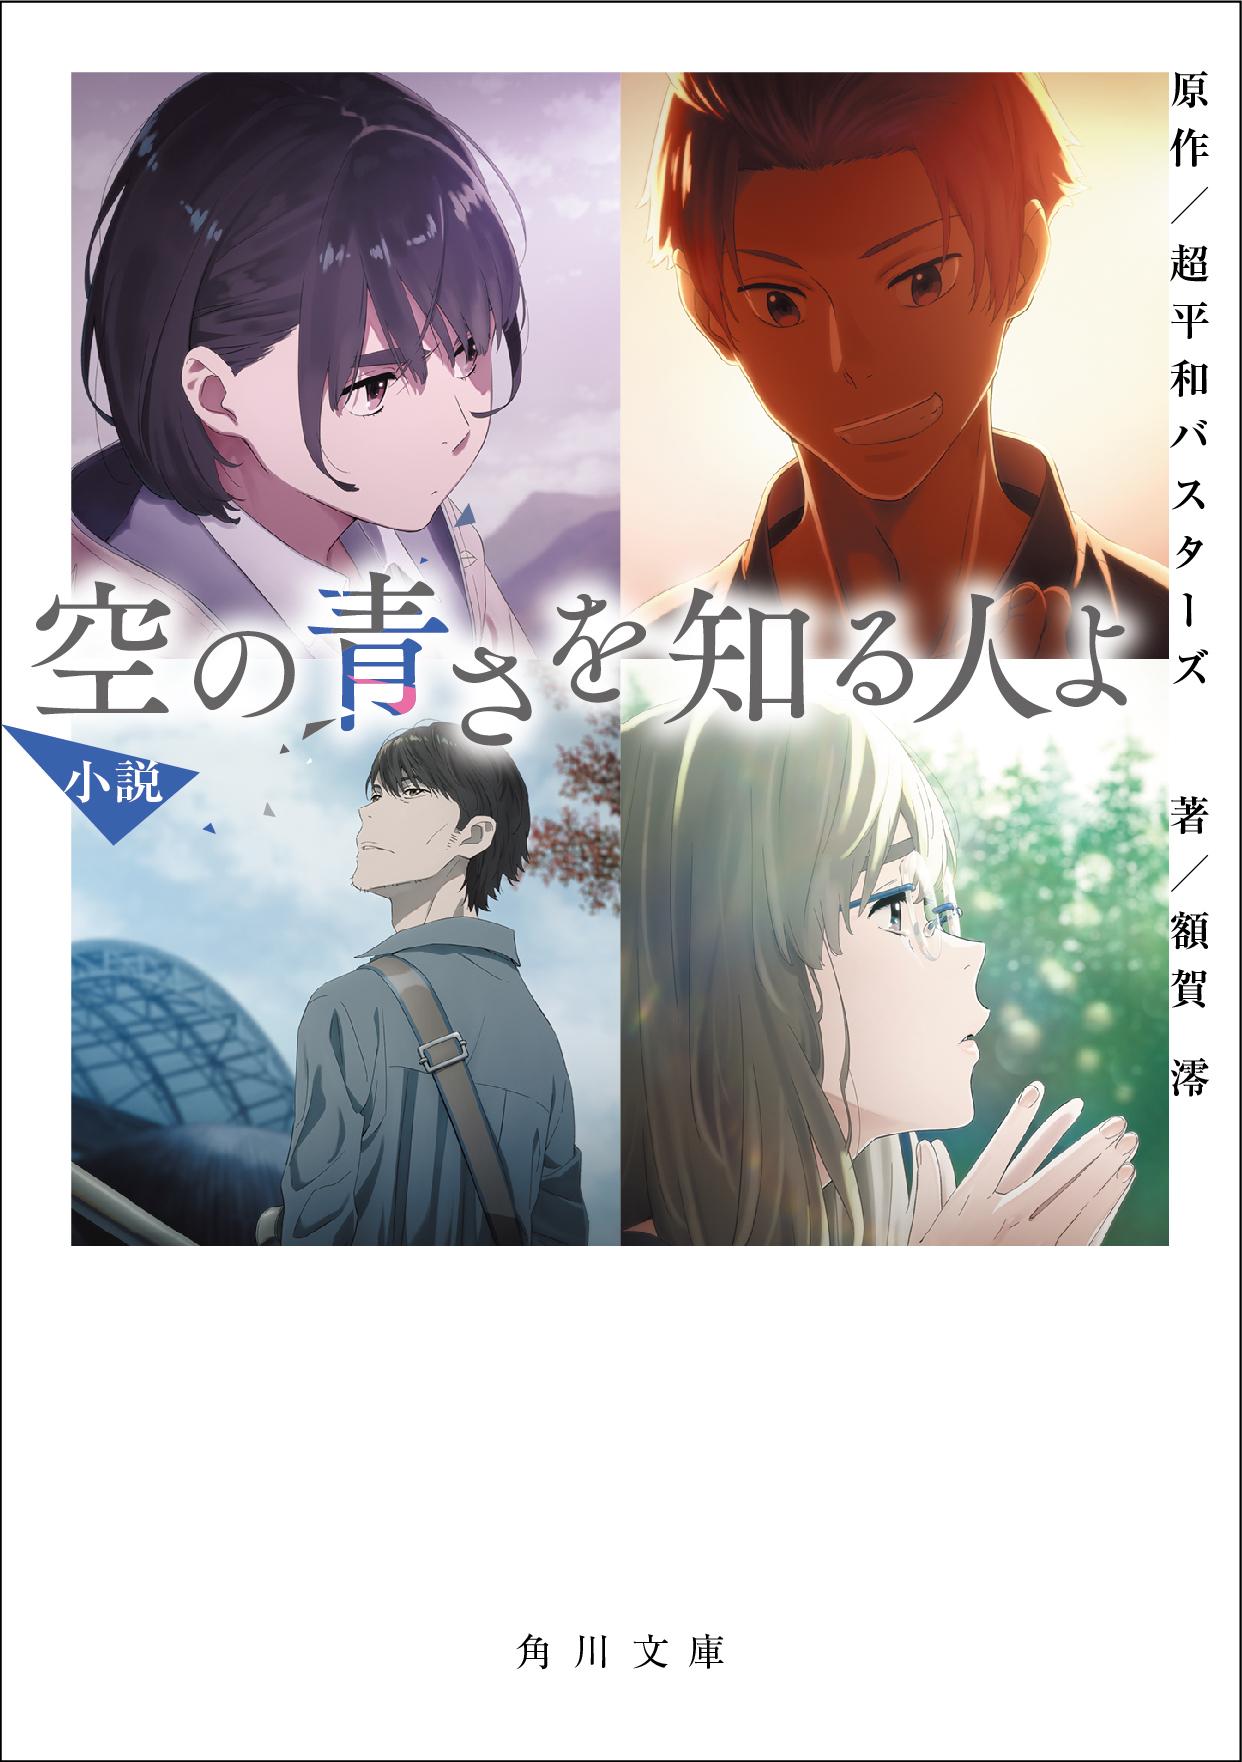 小説『空の青さを知る人よ』表紙 (C)2019 SORAAO PROJECT